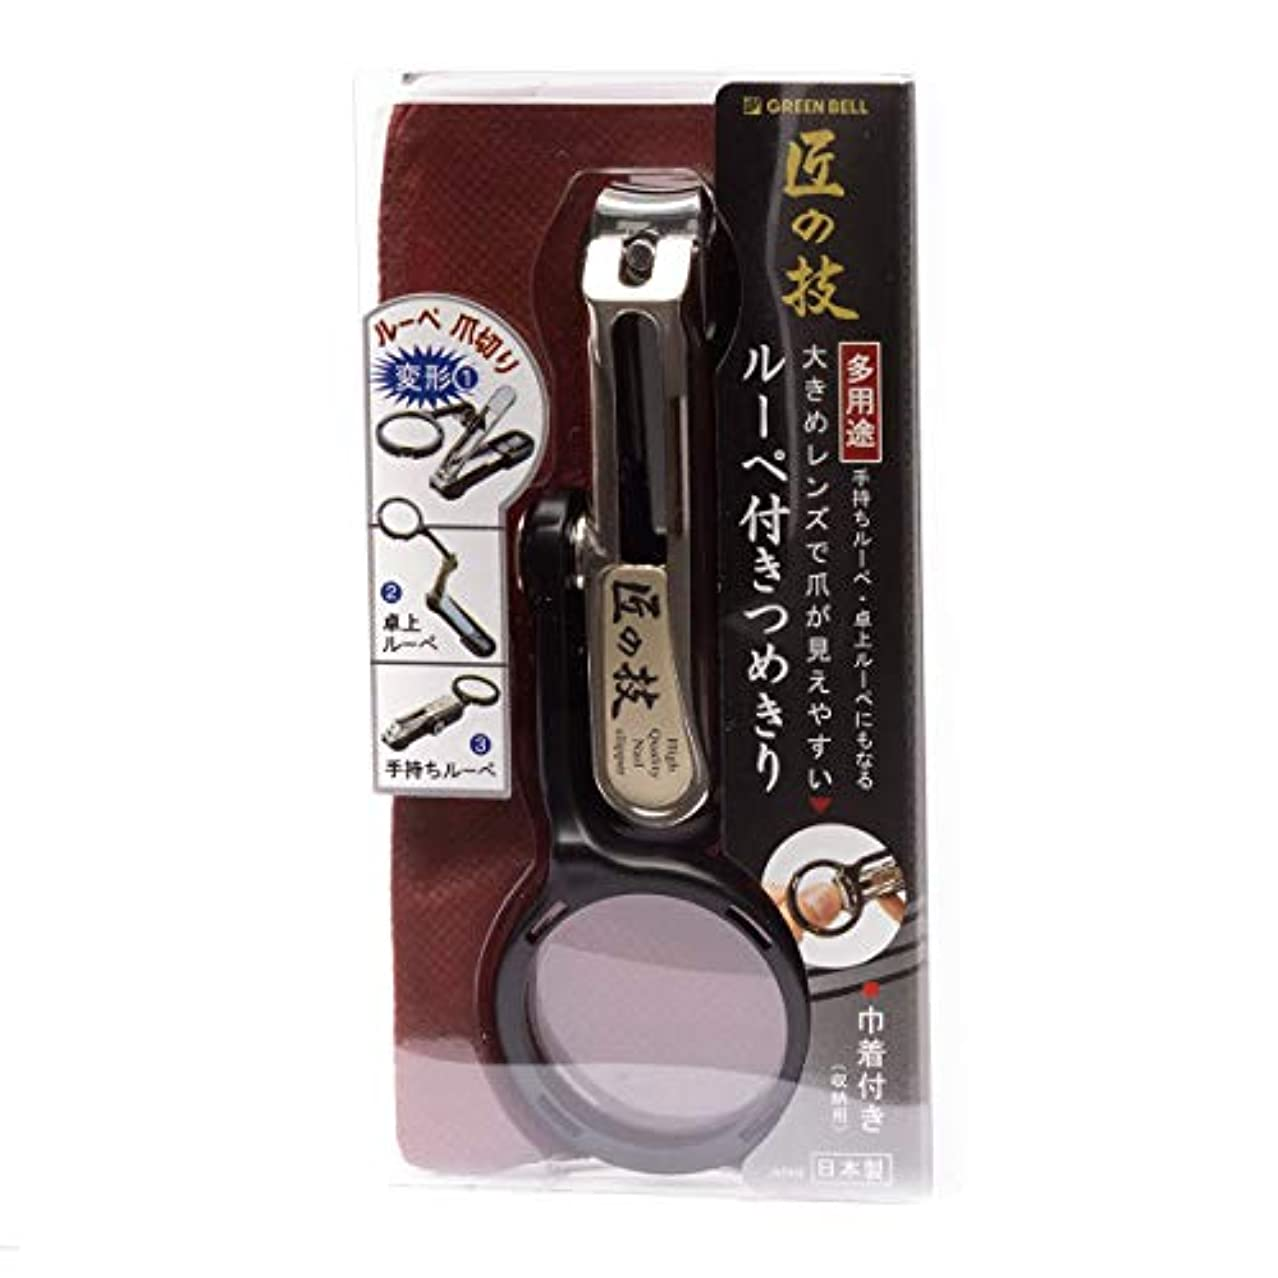 欠伸征服者フェンスMIDI-ミディ 匠の技 ルーペ付き つめきり 黒 メガネ拭き セット (p-880123,p-k0055)